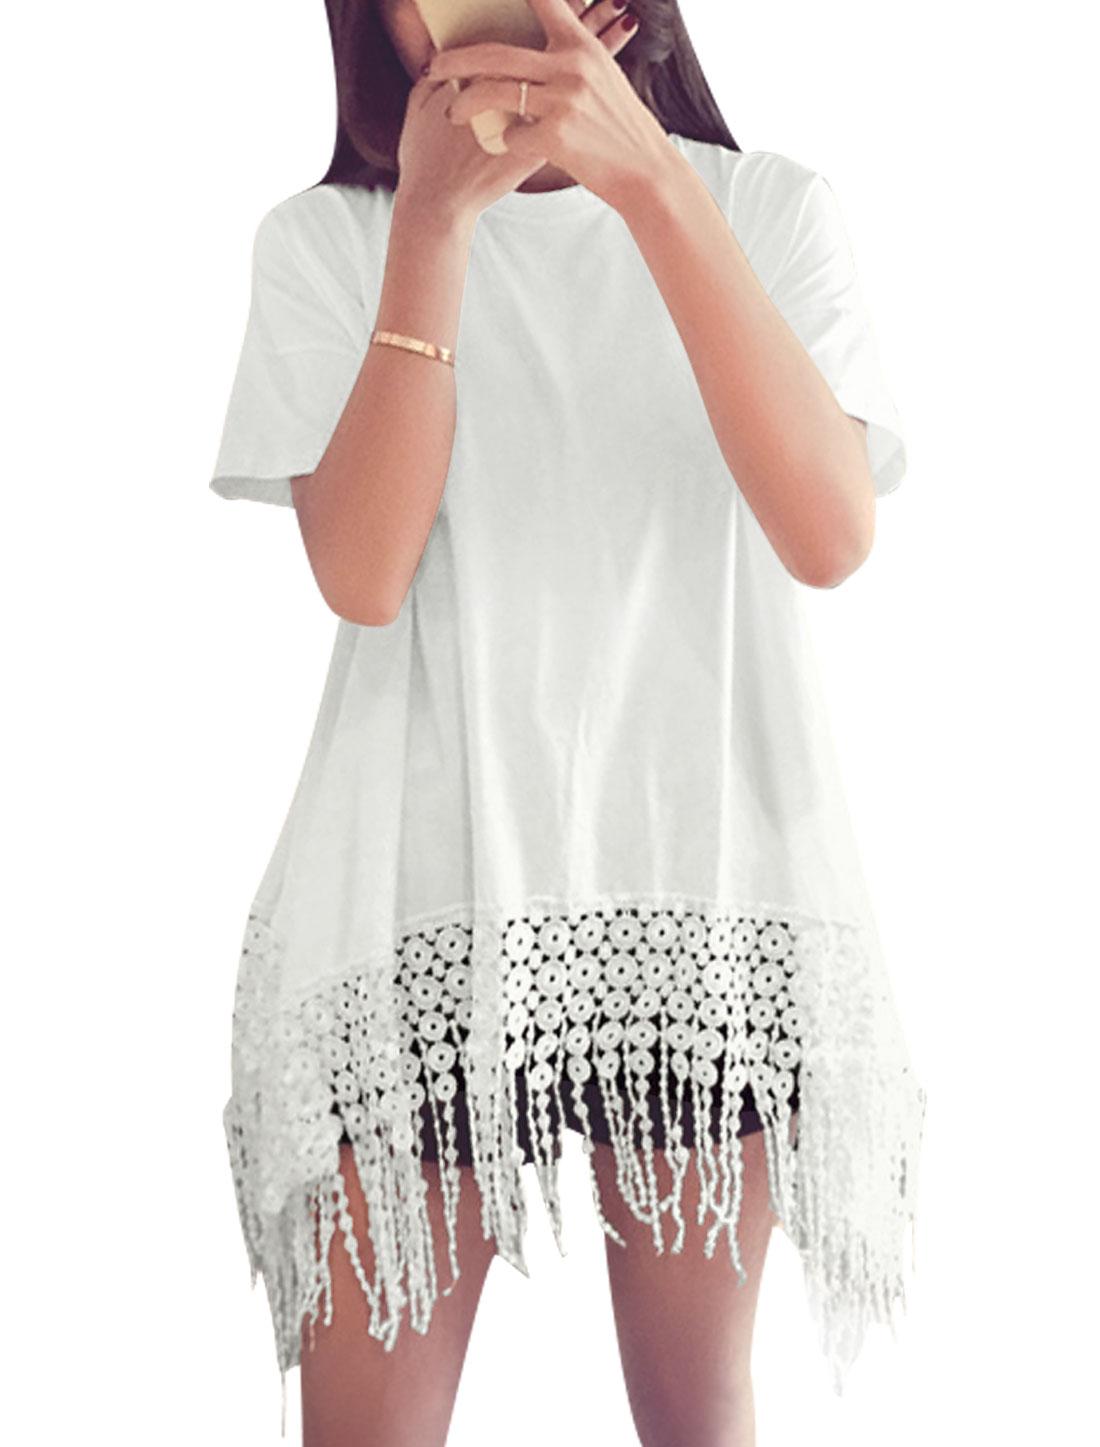 Women Short Sleeves Panel Design Fringing Hem Casual Tops White XS